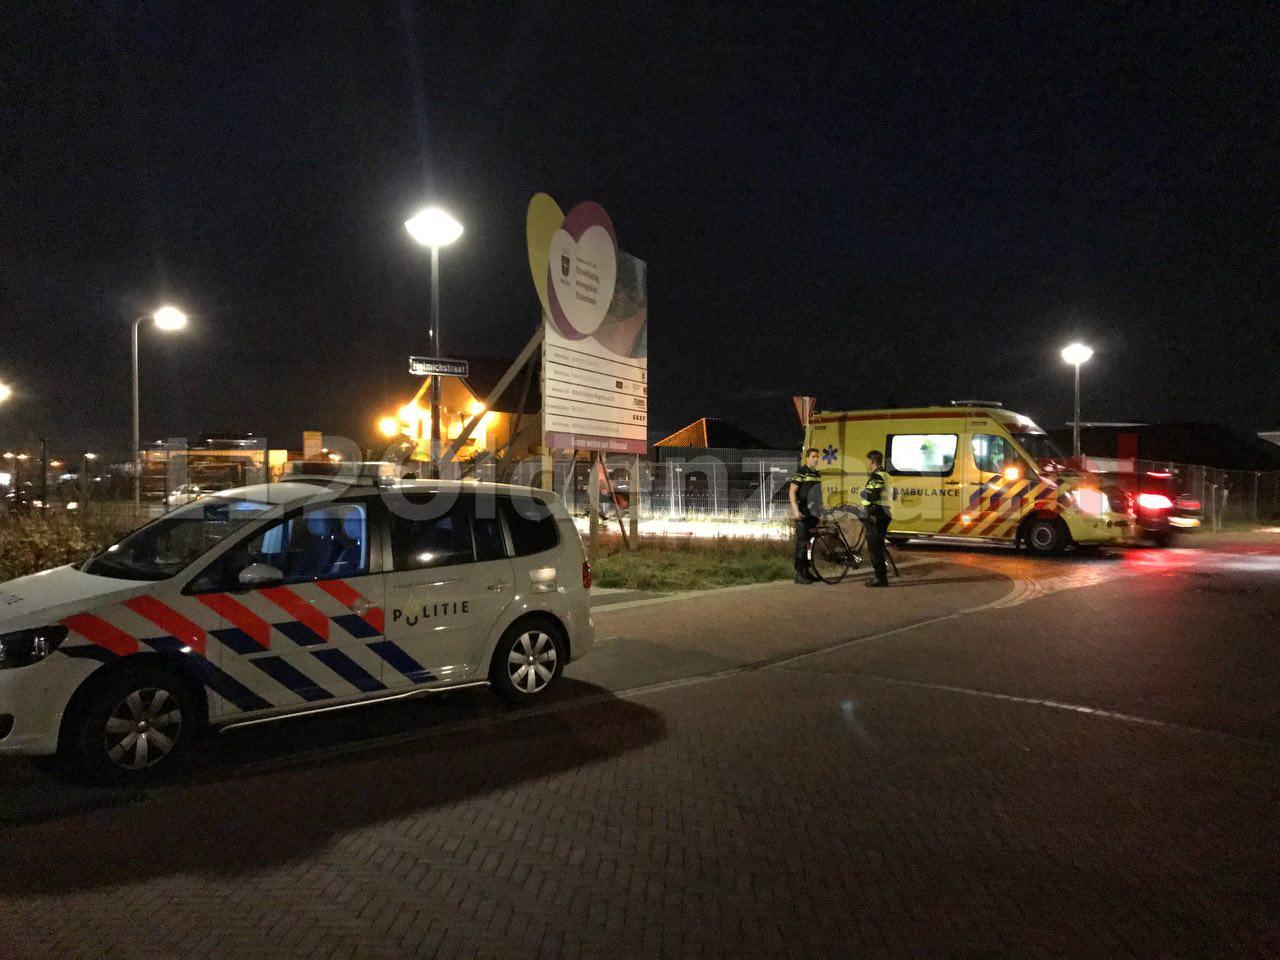 Foto 2: Fietsster raakt gewond bij aanrijding in Oldenzaal